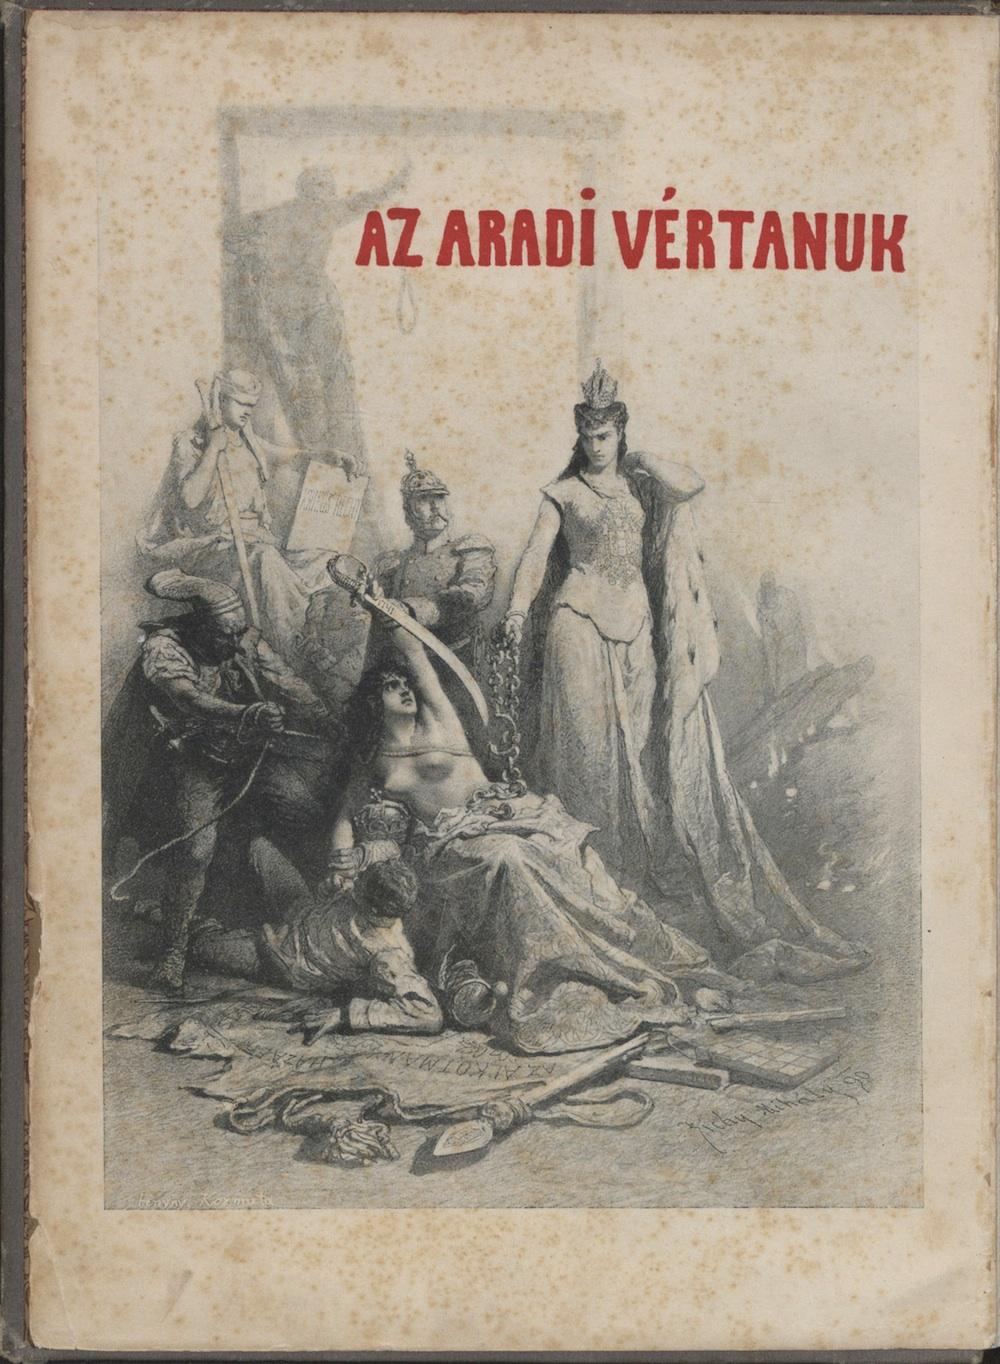 Zichy Mihály: Múlt. In. Aradi vértanúk albuma. Szerk. Varga Ottó, Budapest, Arad sz. kir. város, 1890. – Törzsgyűjtemény. Kossuth Lajos könyvtára. Jelzet: 2642